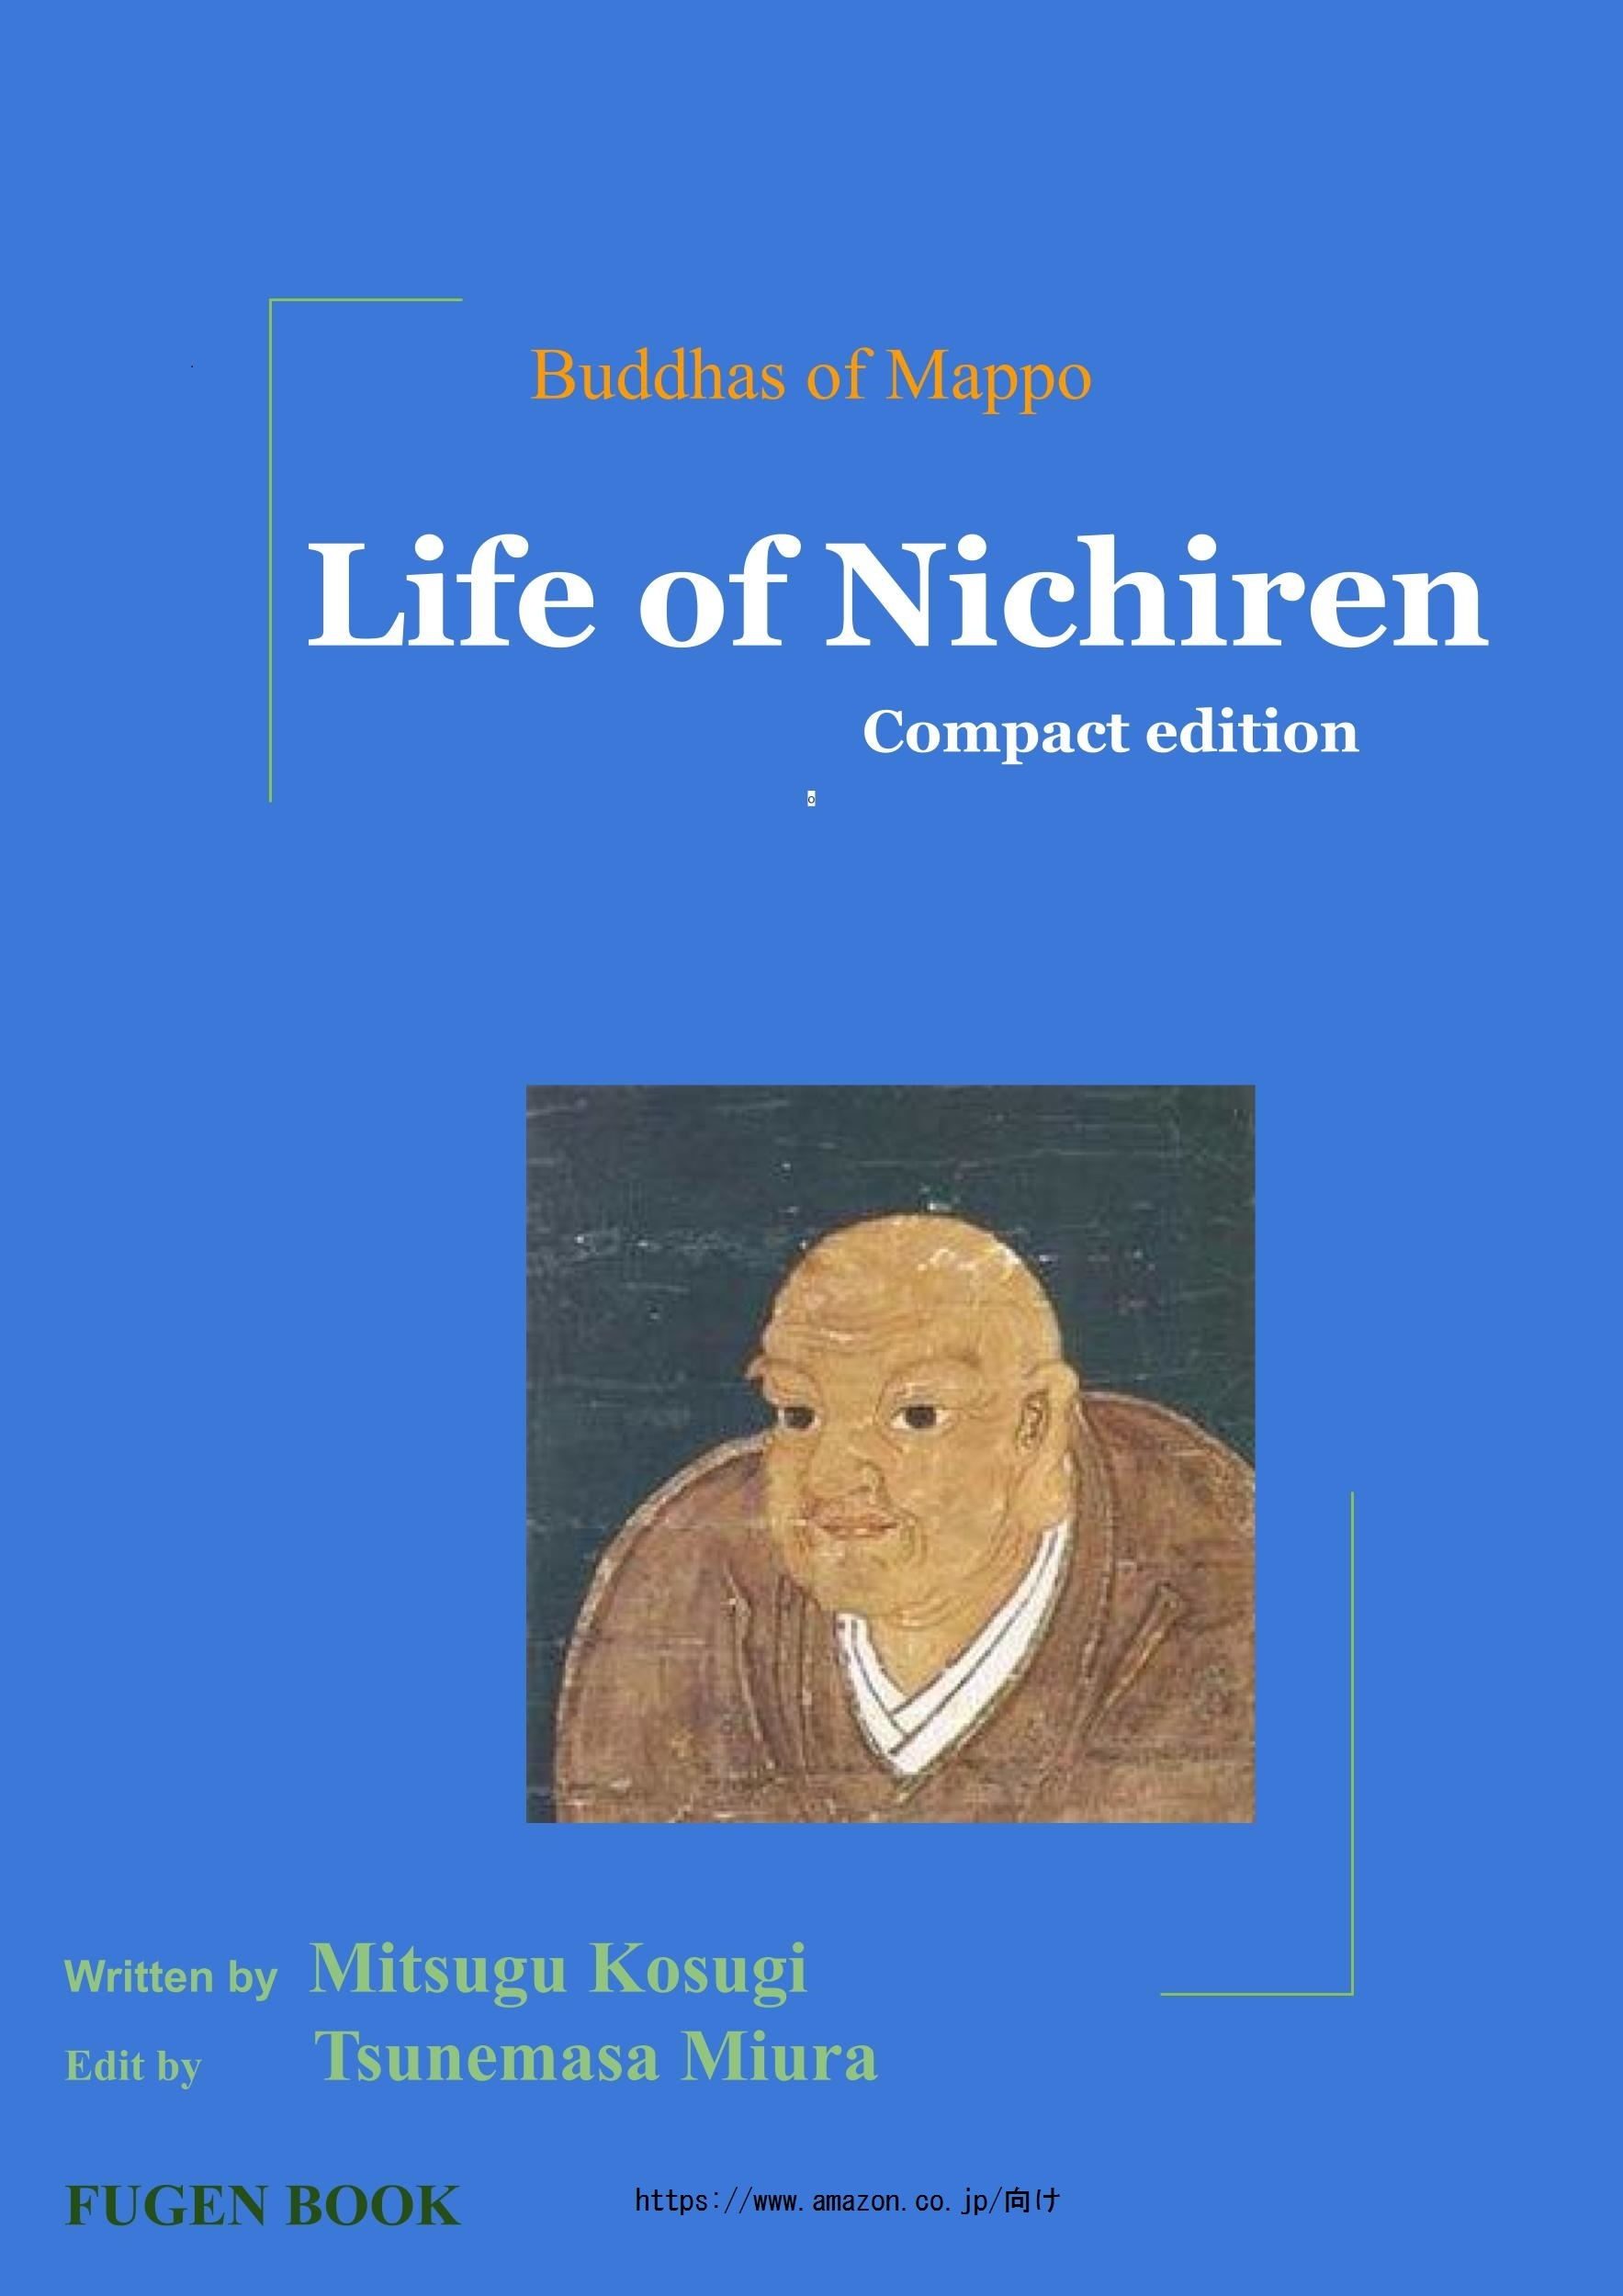 「Life of Nichiren」のアマゾン電子出版_f0301354_13555170.jpg